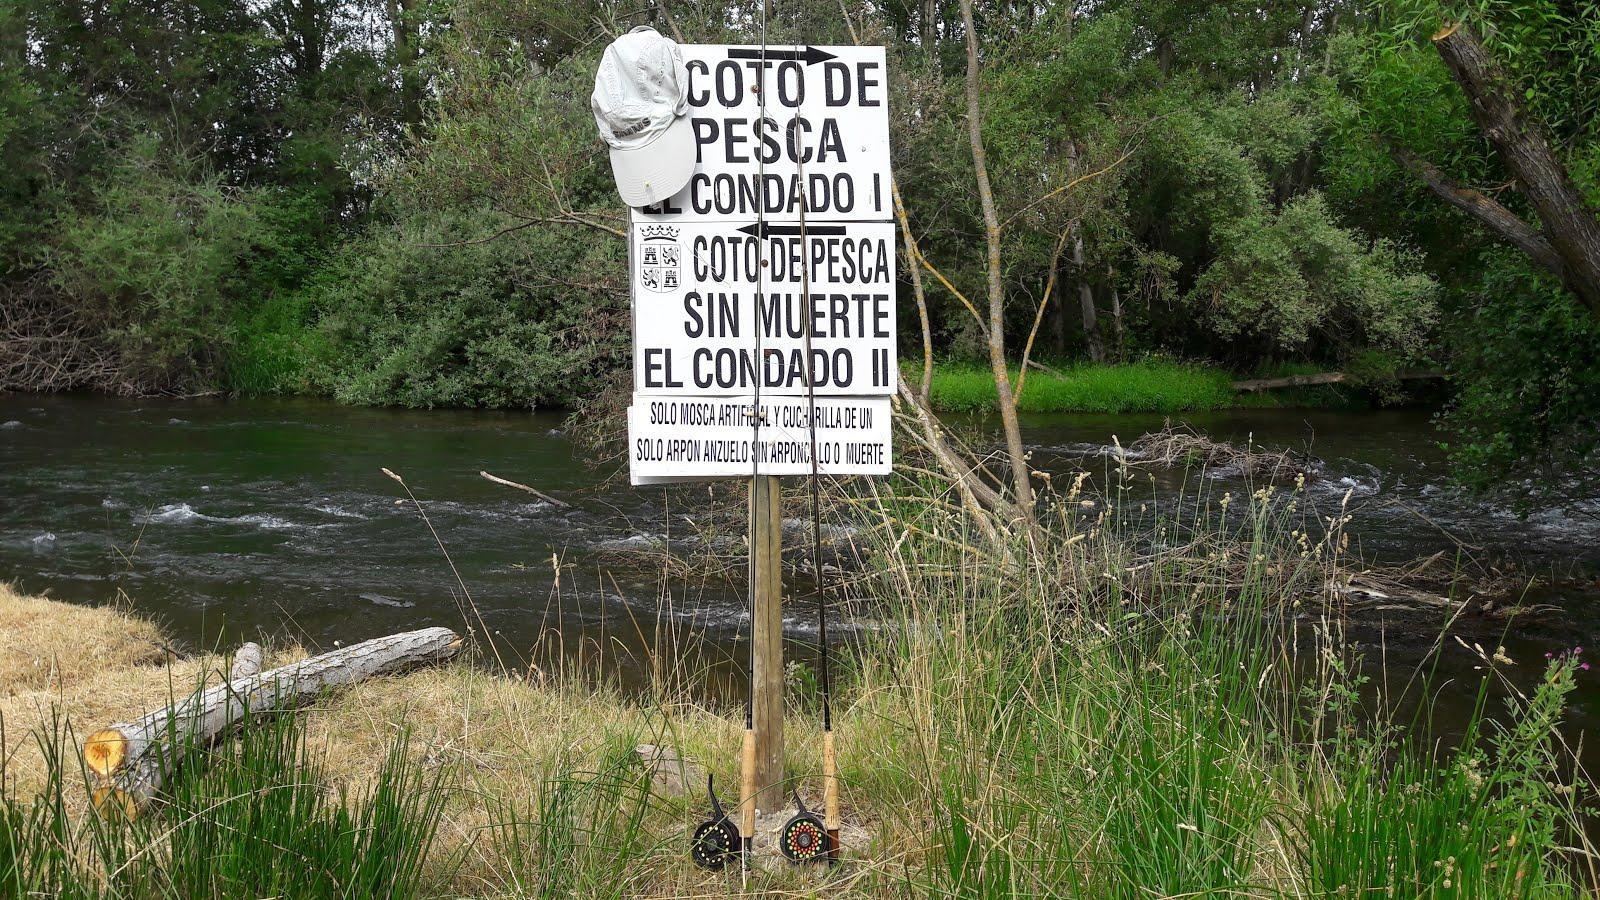 COTO DE PESCA EL CONDADO II